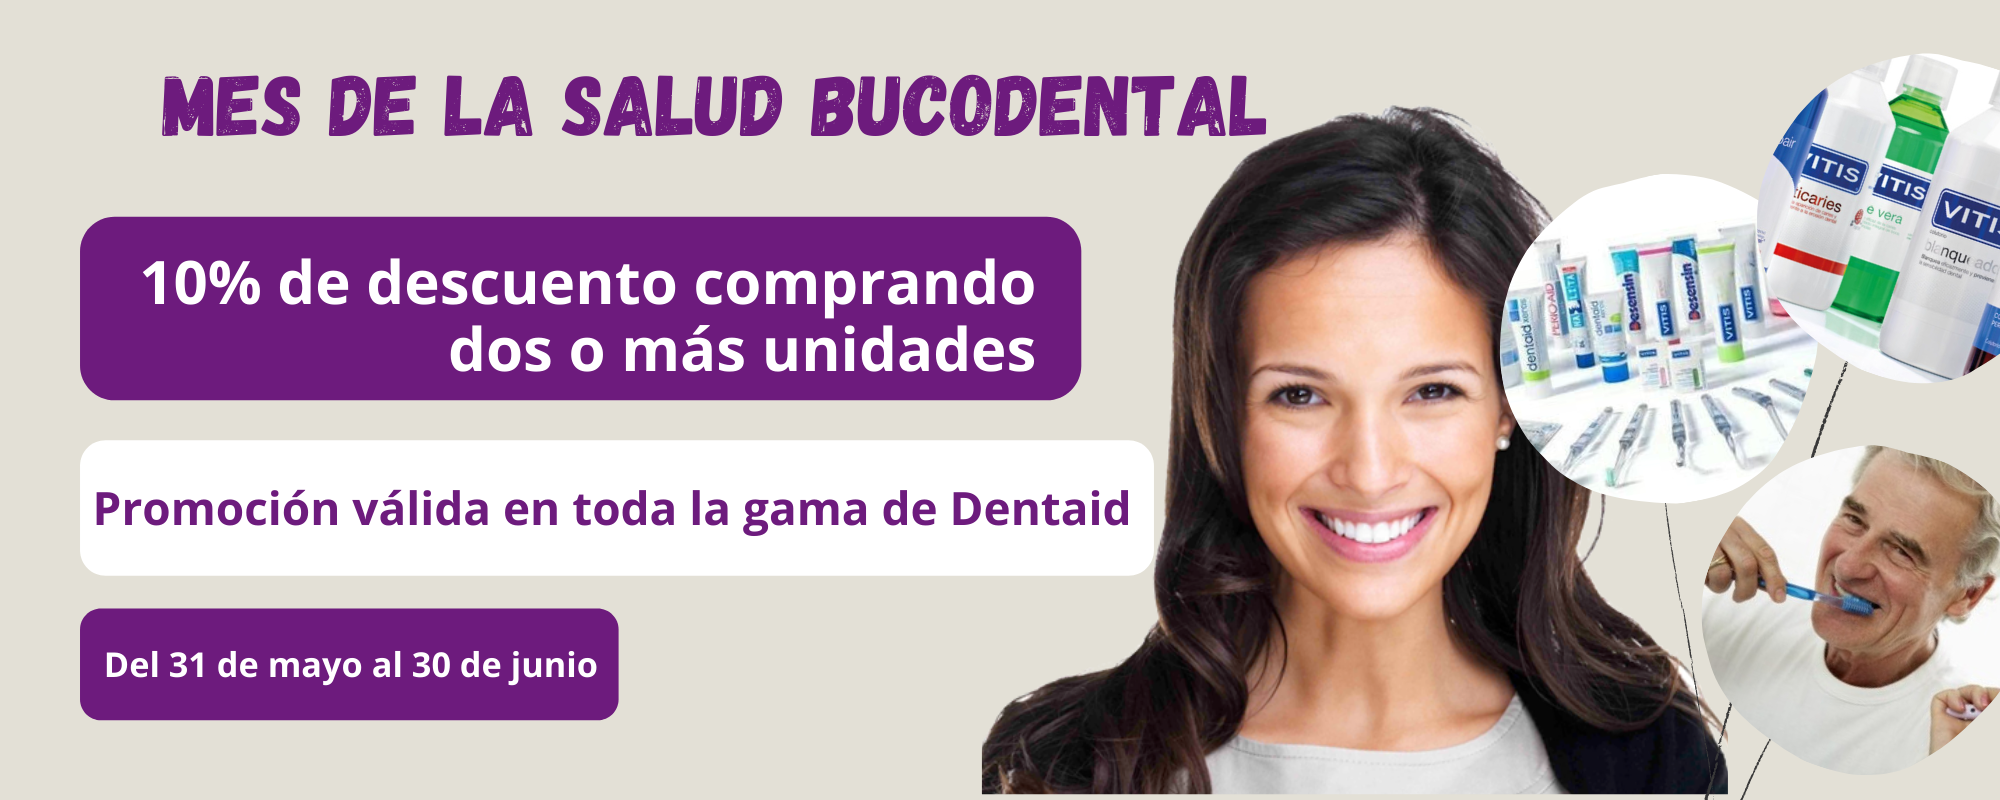 Dentaid - Banner Farmacia Ciudad Alta